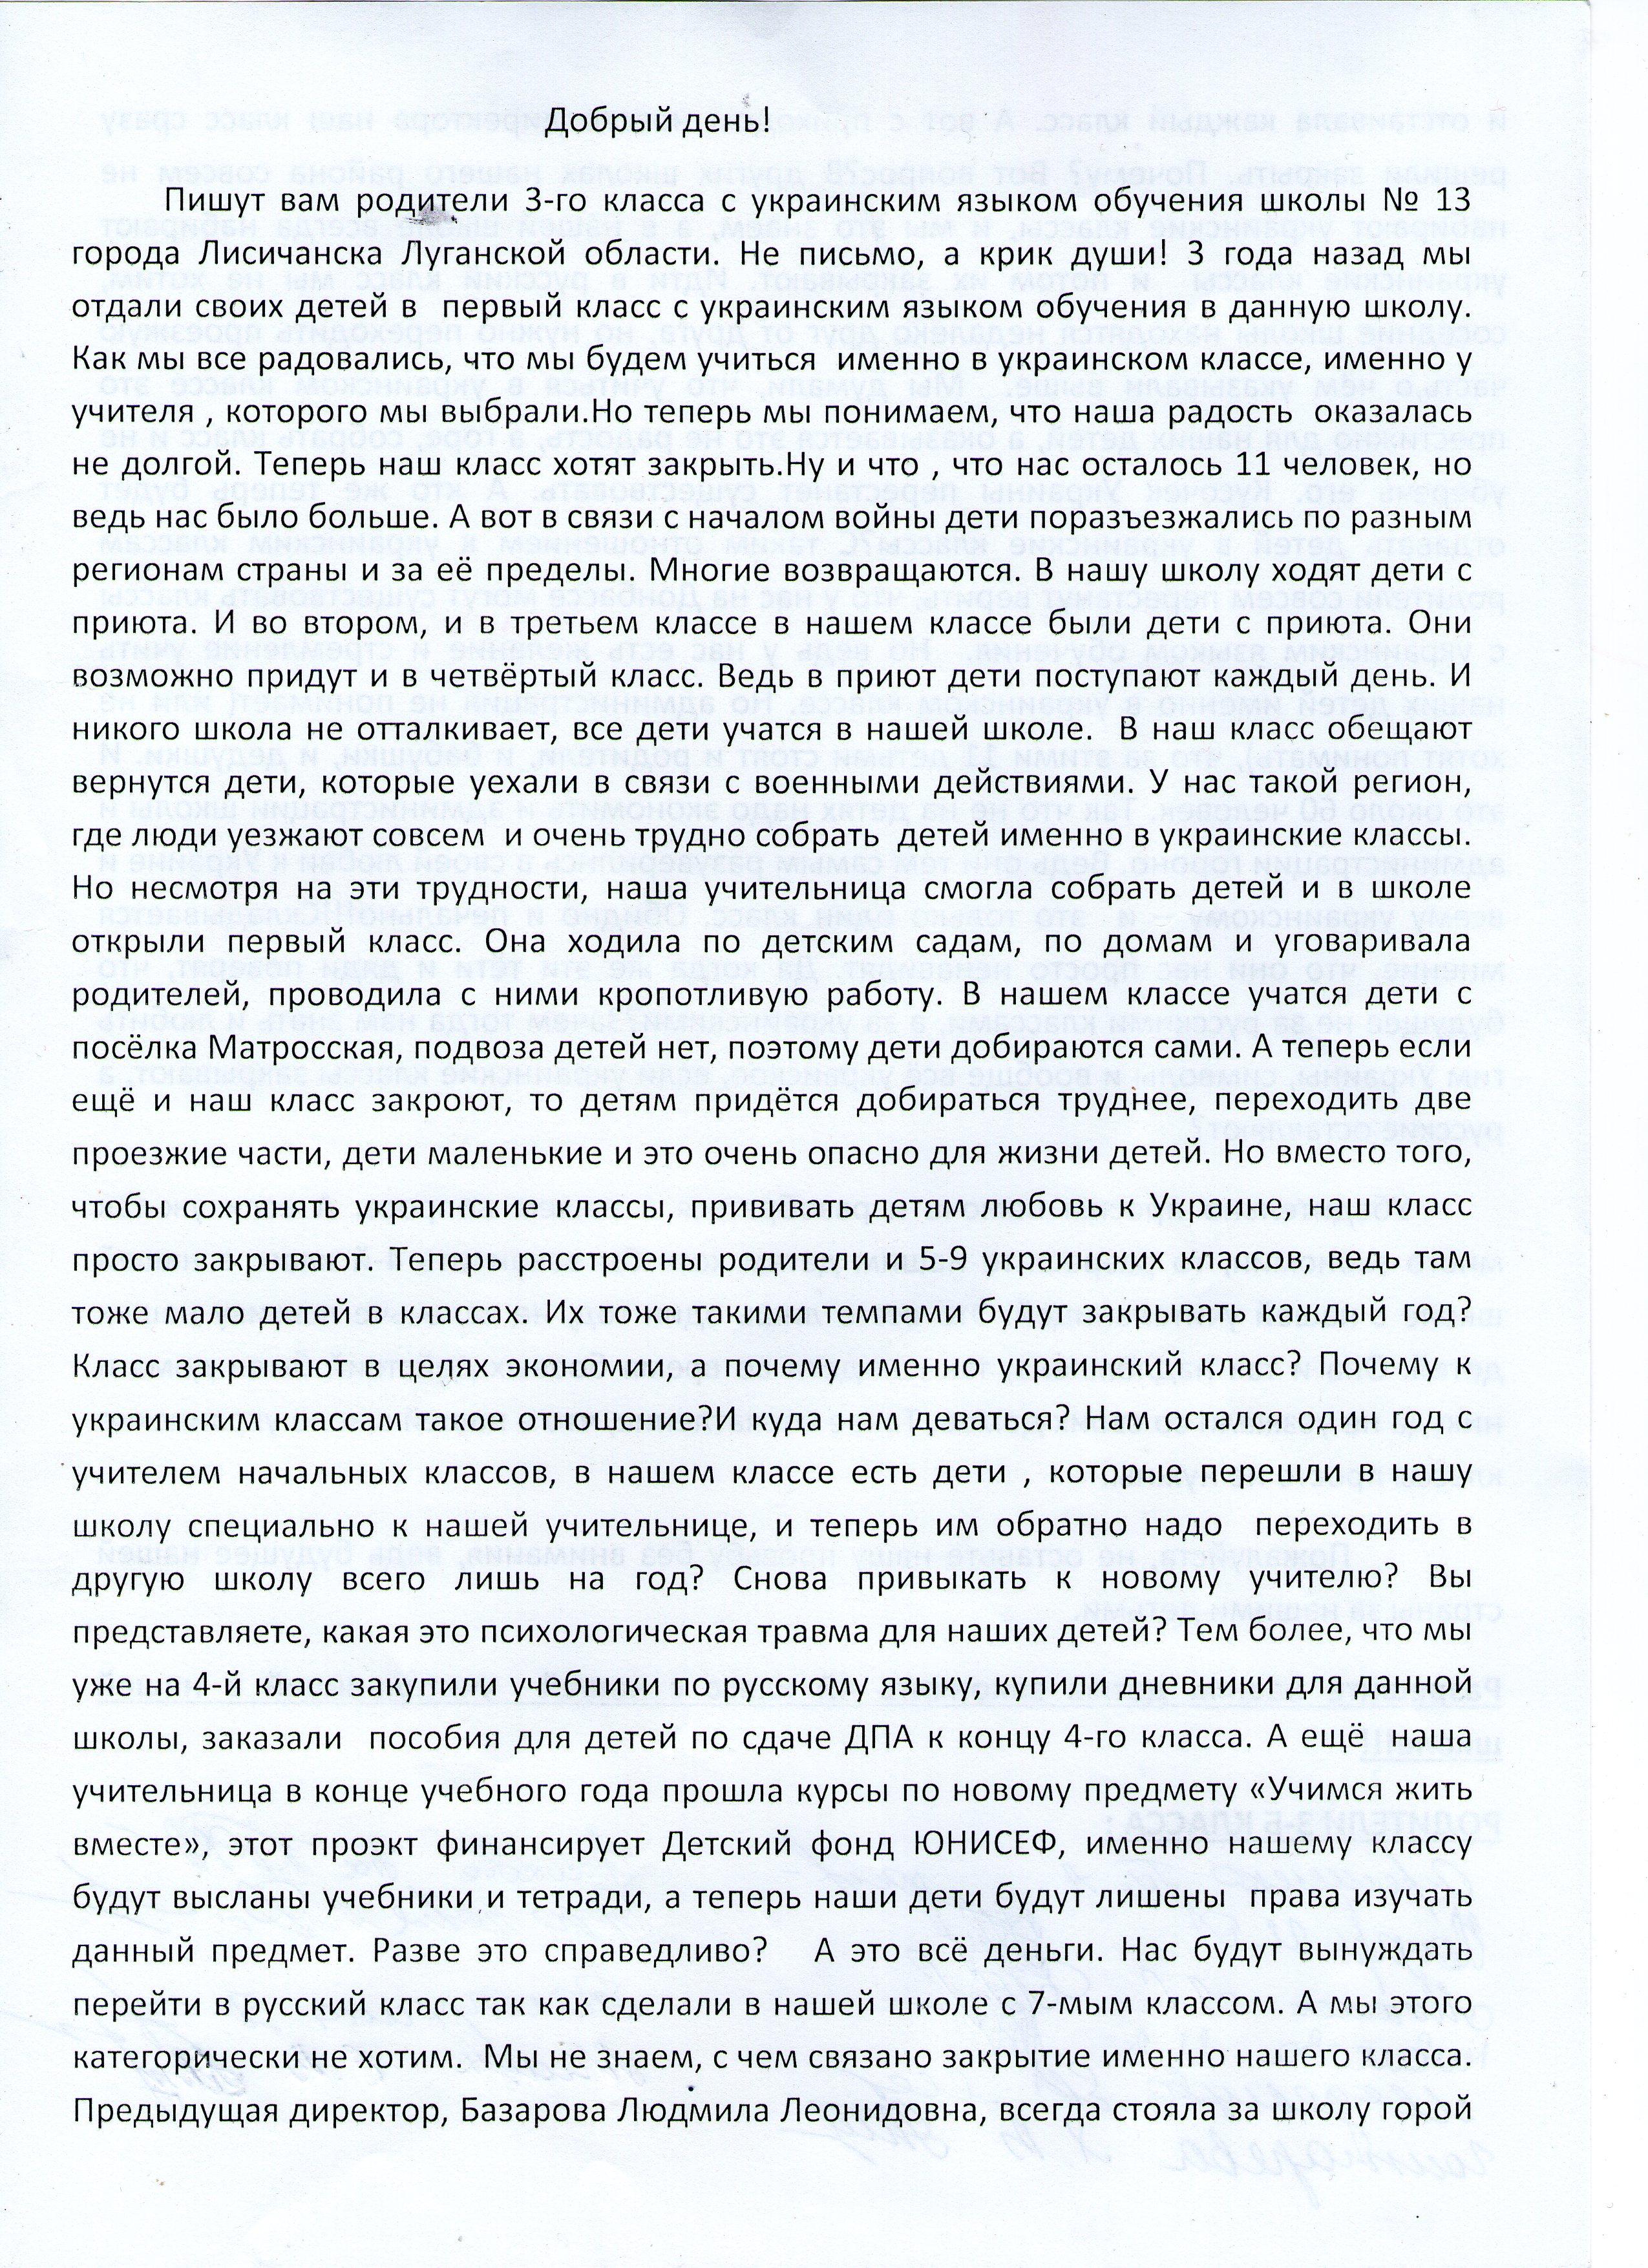 На Луганщині батьки обурені закриттям українського класу директором-сепаратистом - фото 1